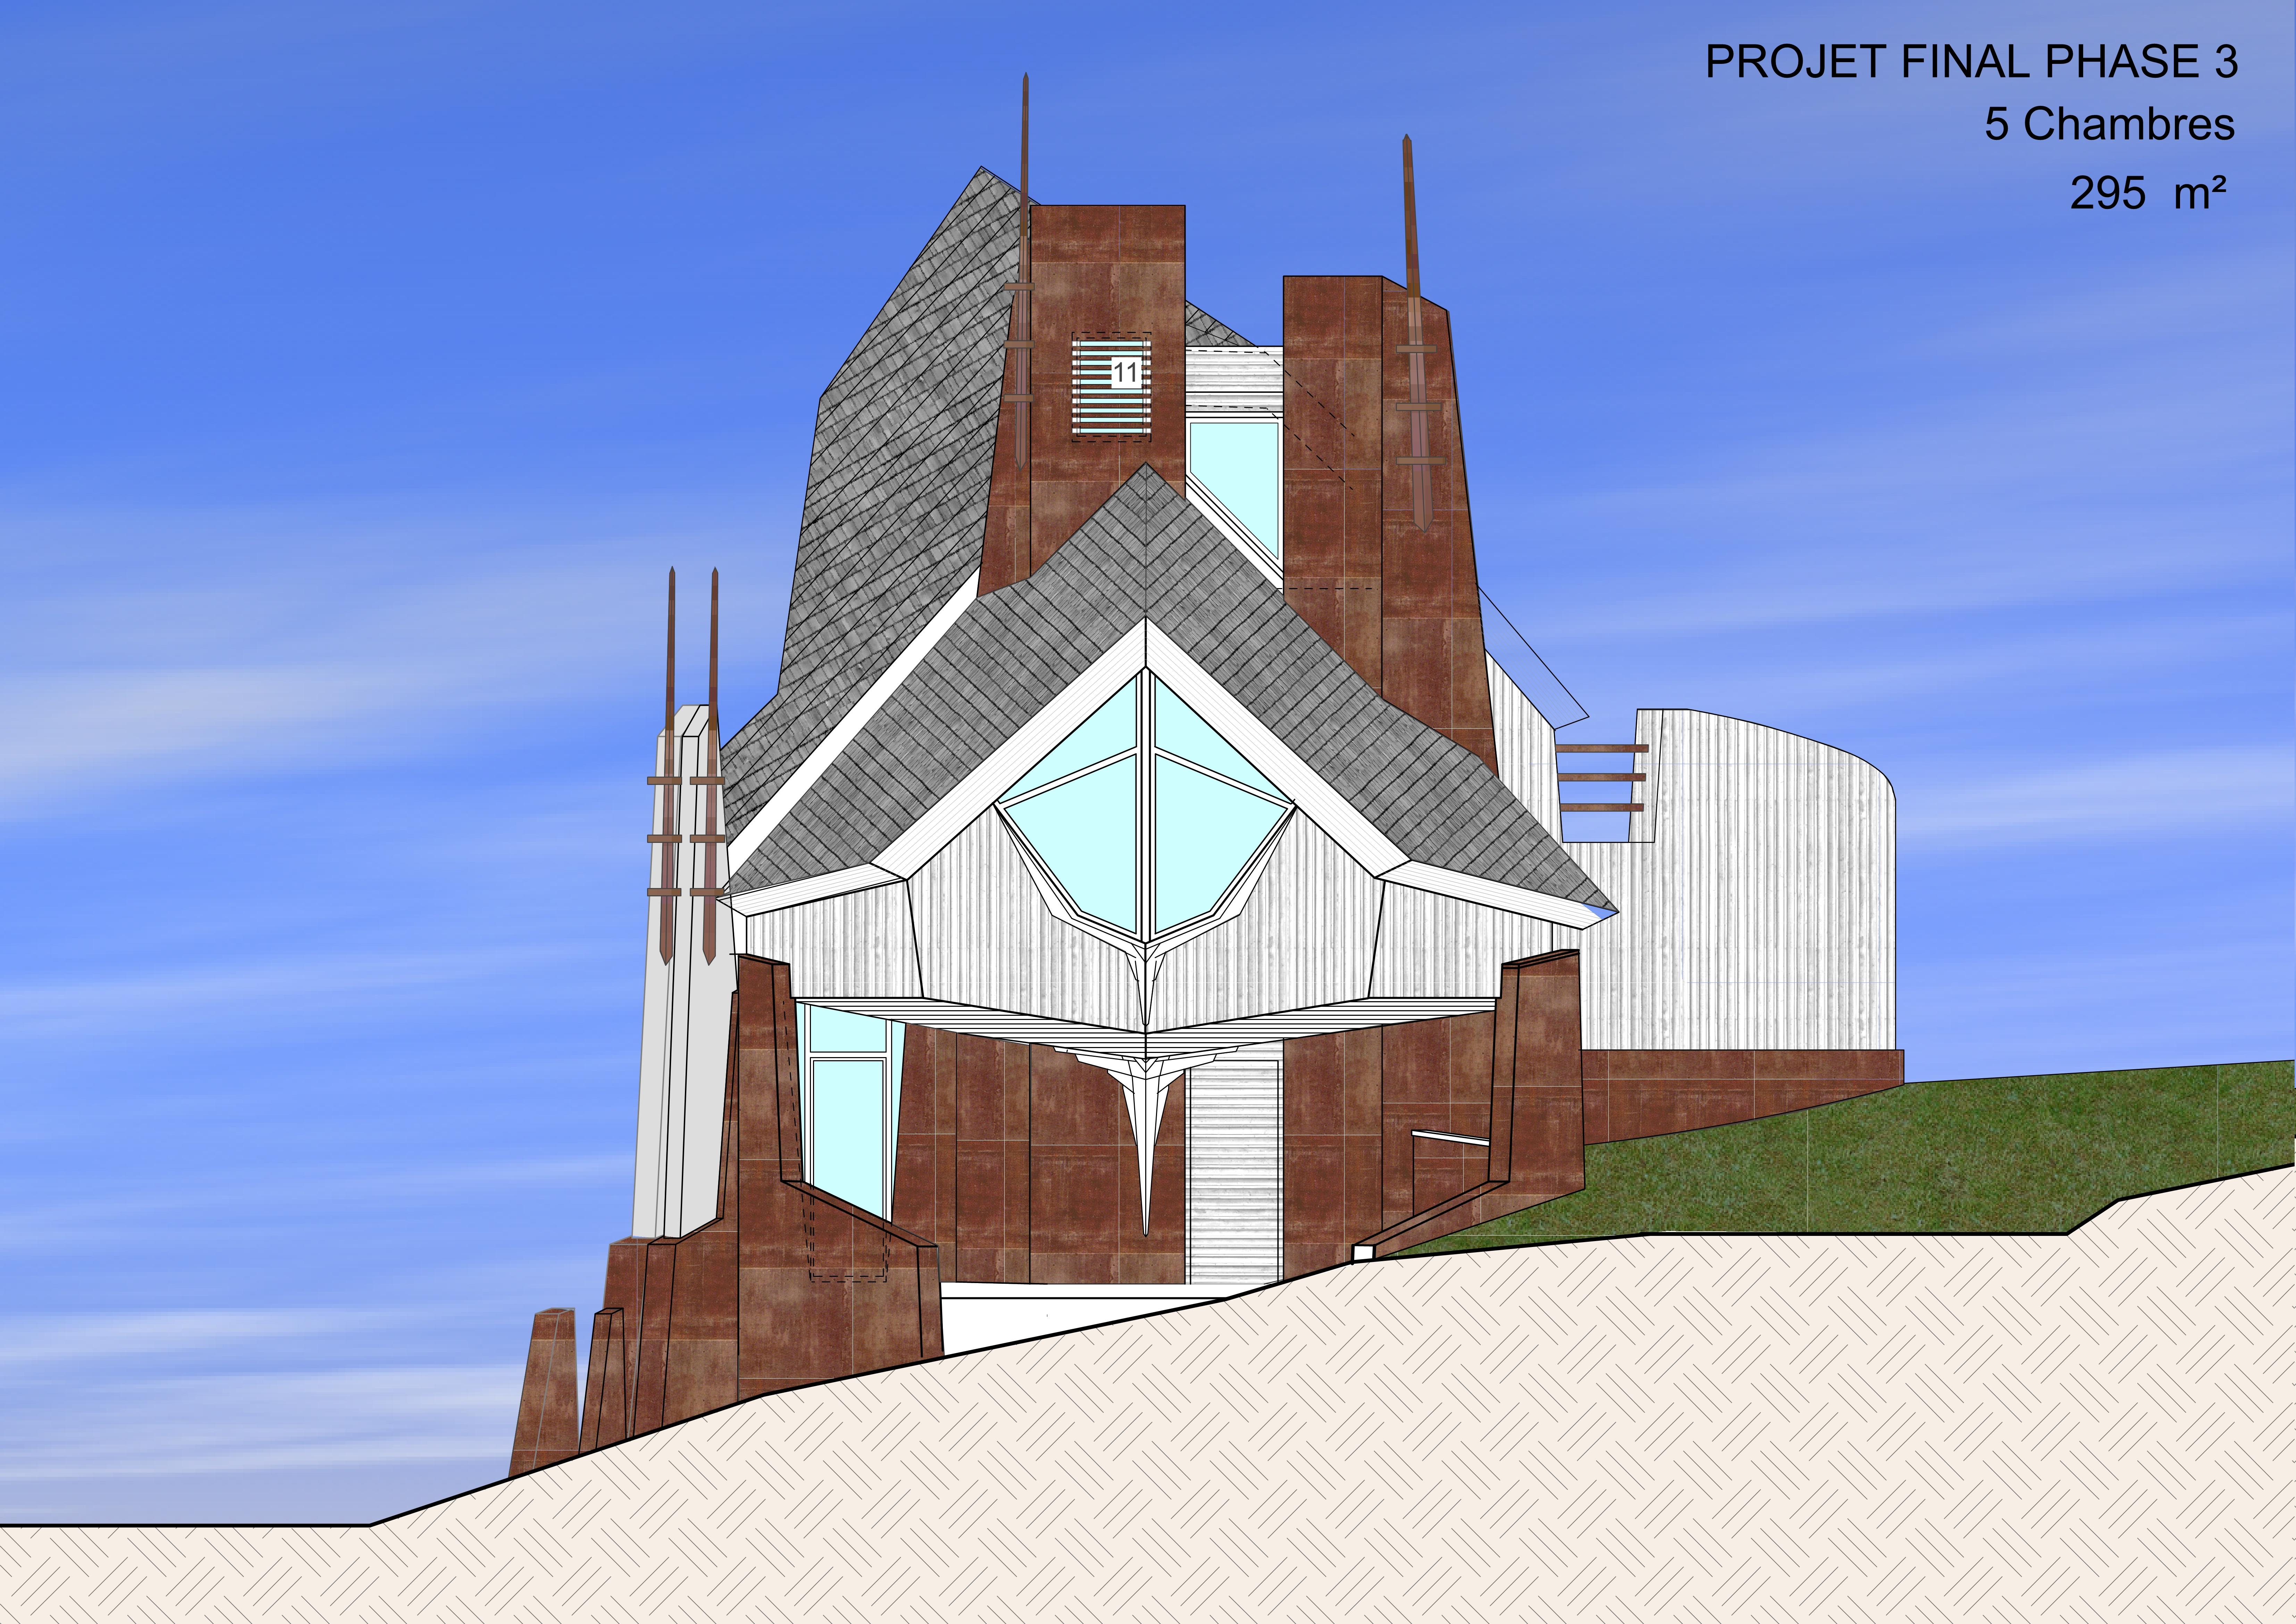 Maison en Paille Phase 3 _ 295 m²